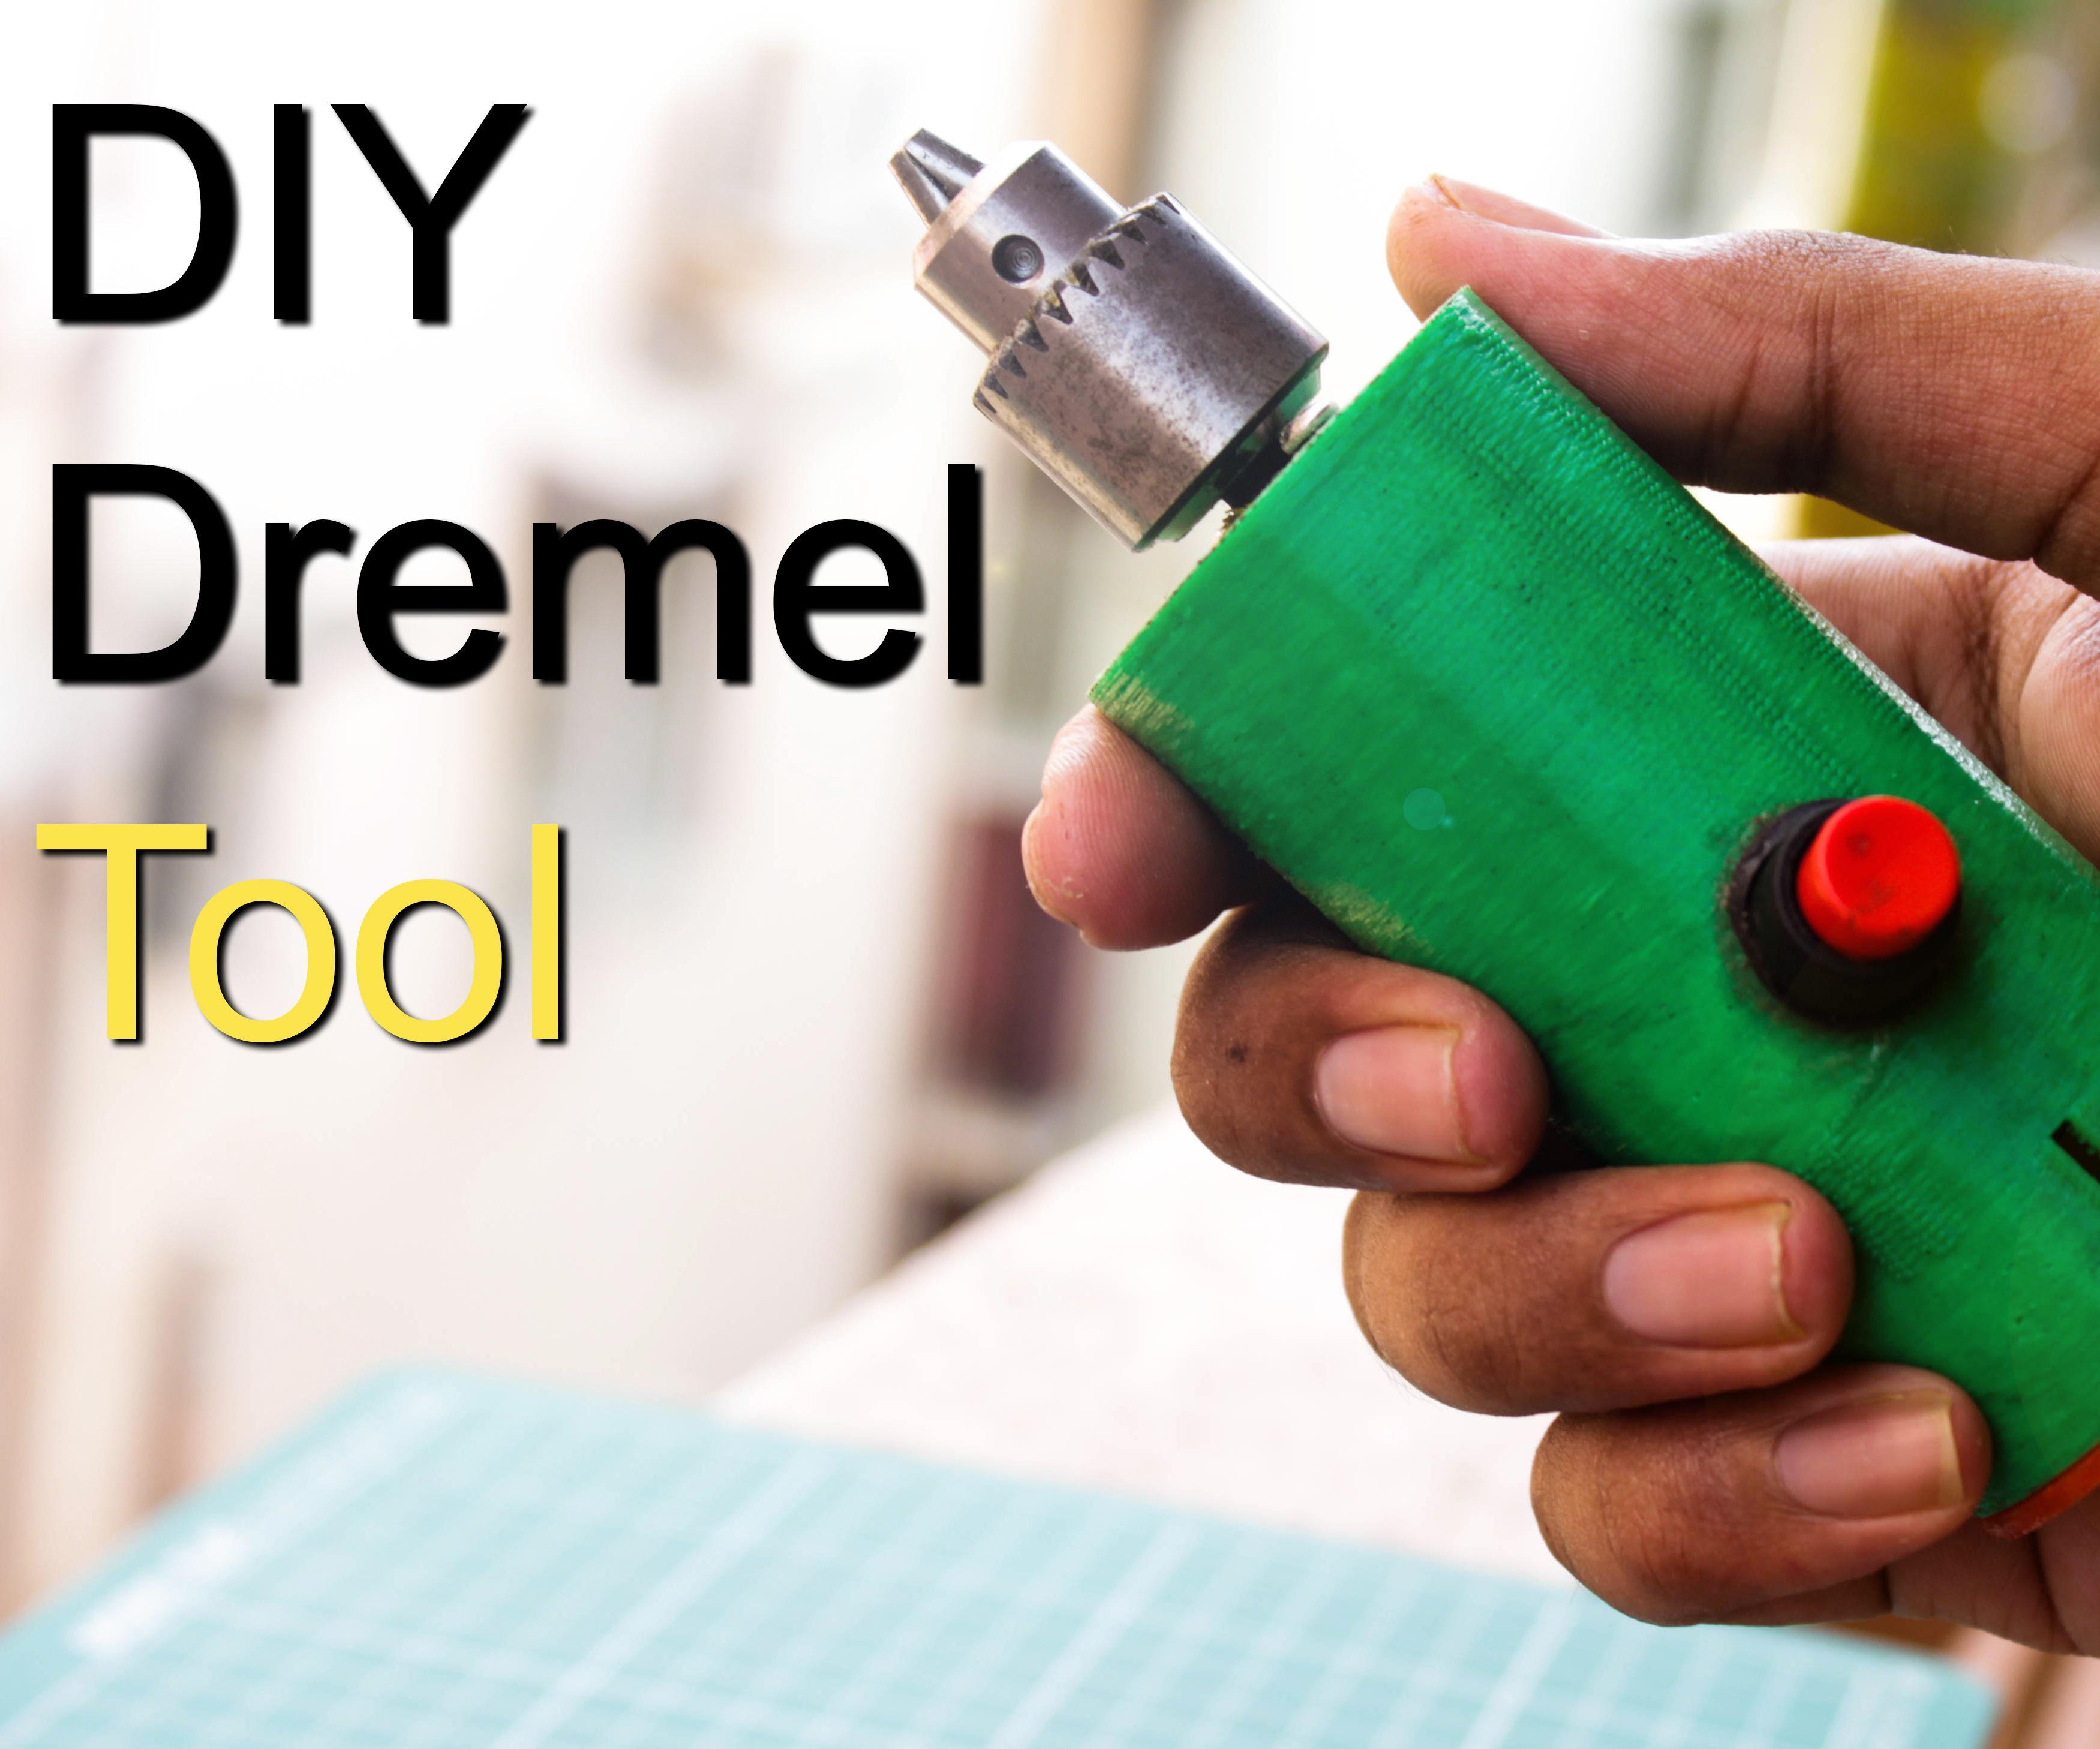 $15 DIY Dremel /RotaryTool